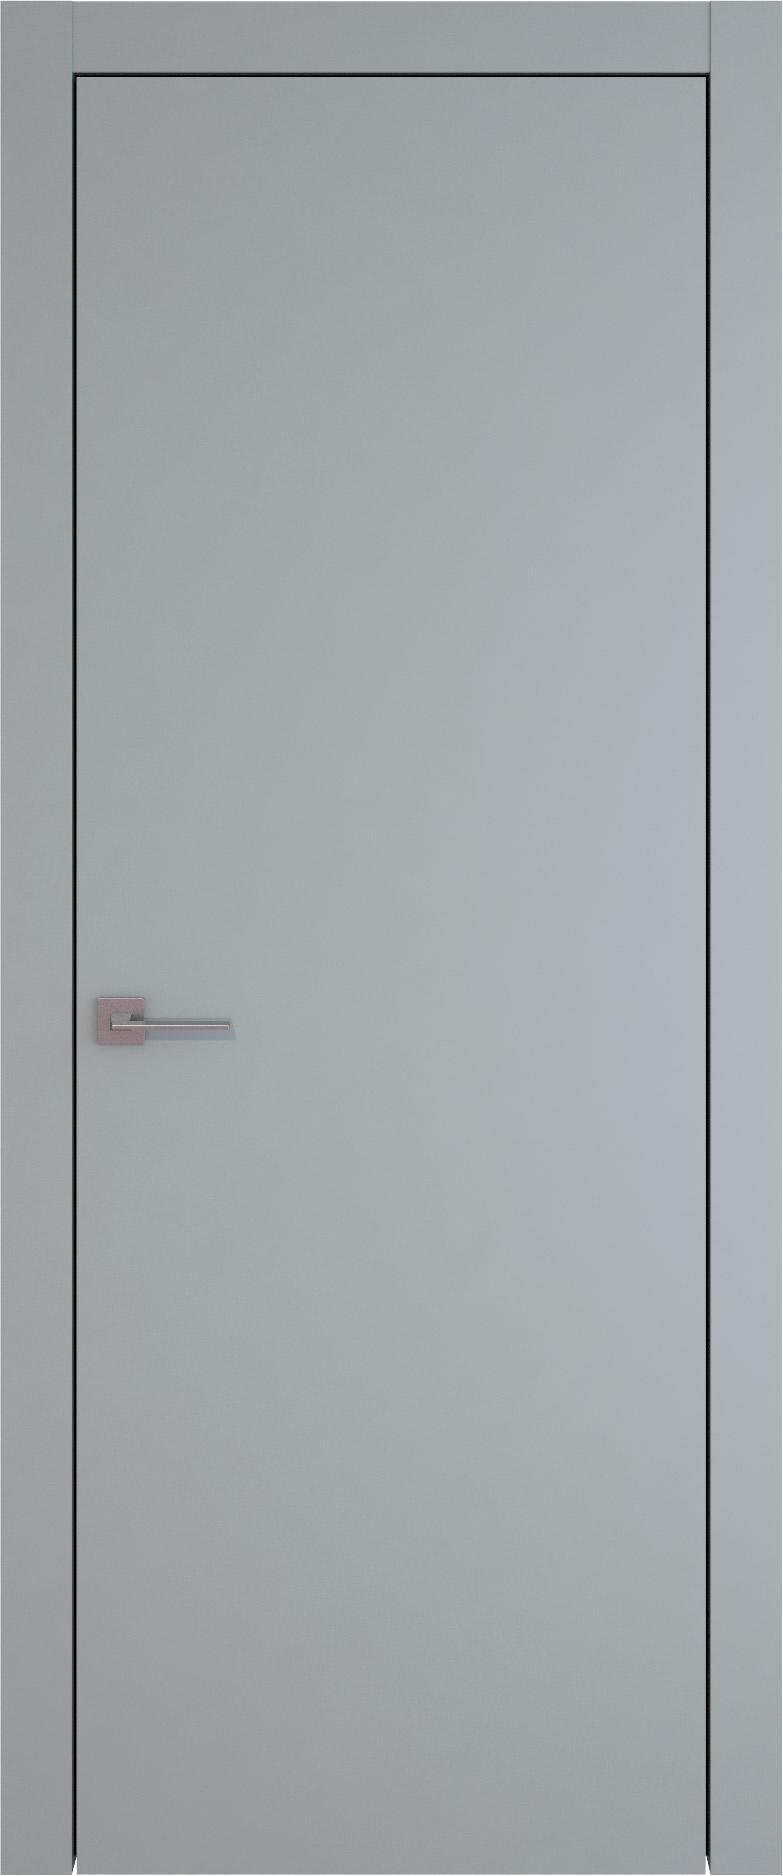 Tivoli А-1 цвет - Серебристо-серая эмаль (RAL 7045) Без стекла (ДГ)